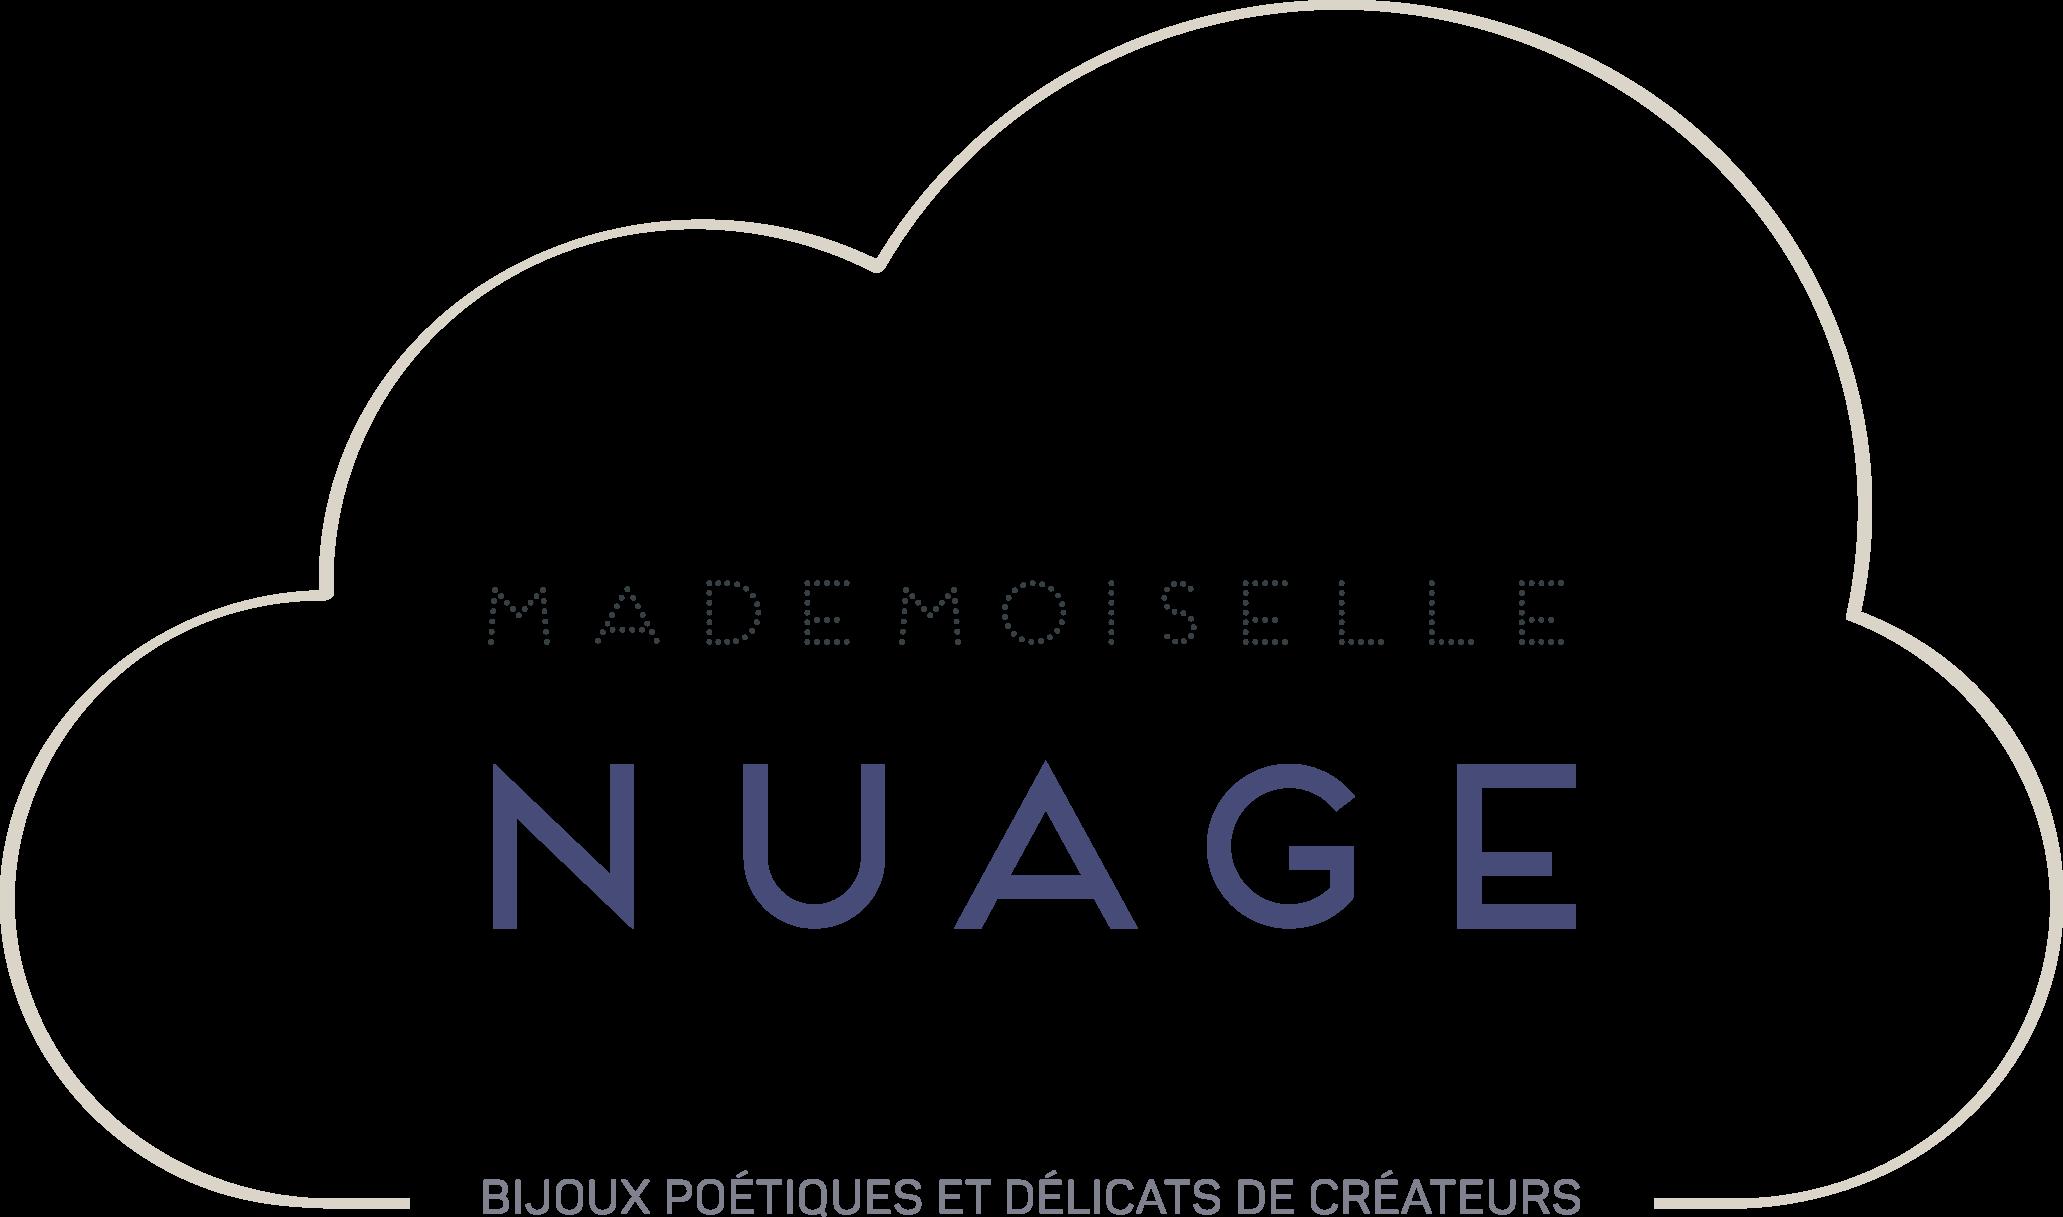 complet dans les spécifications section spéciale sélection mondiale de Mademoiselle Nuage - atelier-boutique de bijoux à Toulouse